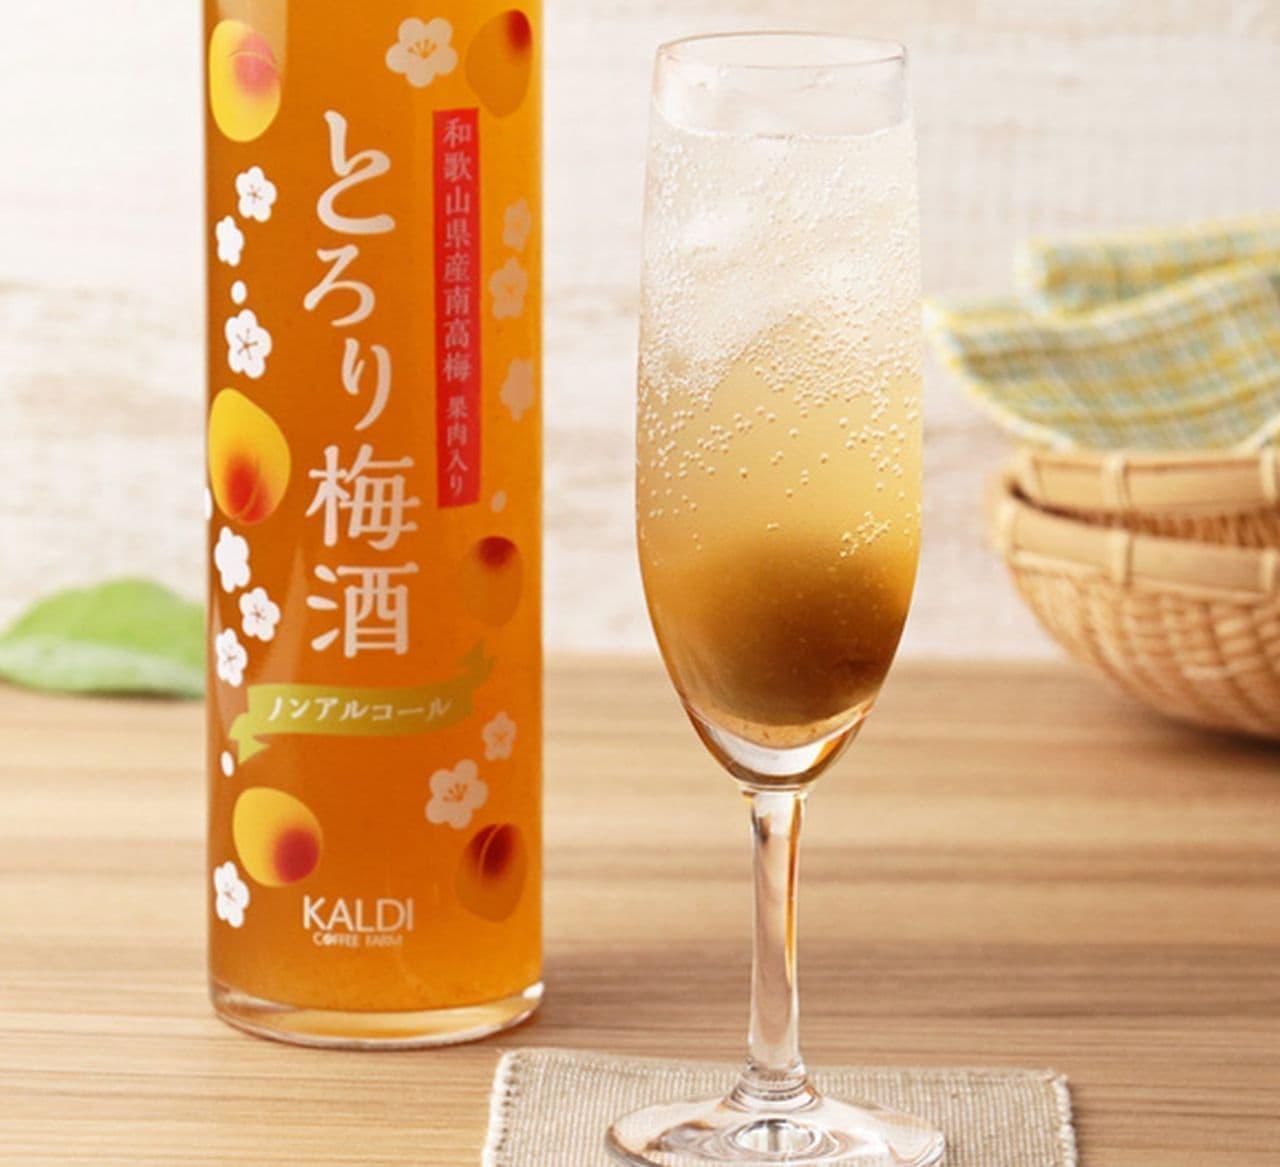 カルディ「和歌山県産南高梅果肉入り とろり梅酒 ノンアルコール」